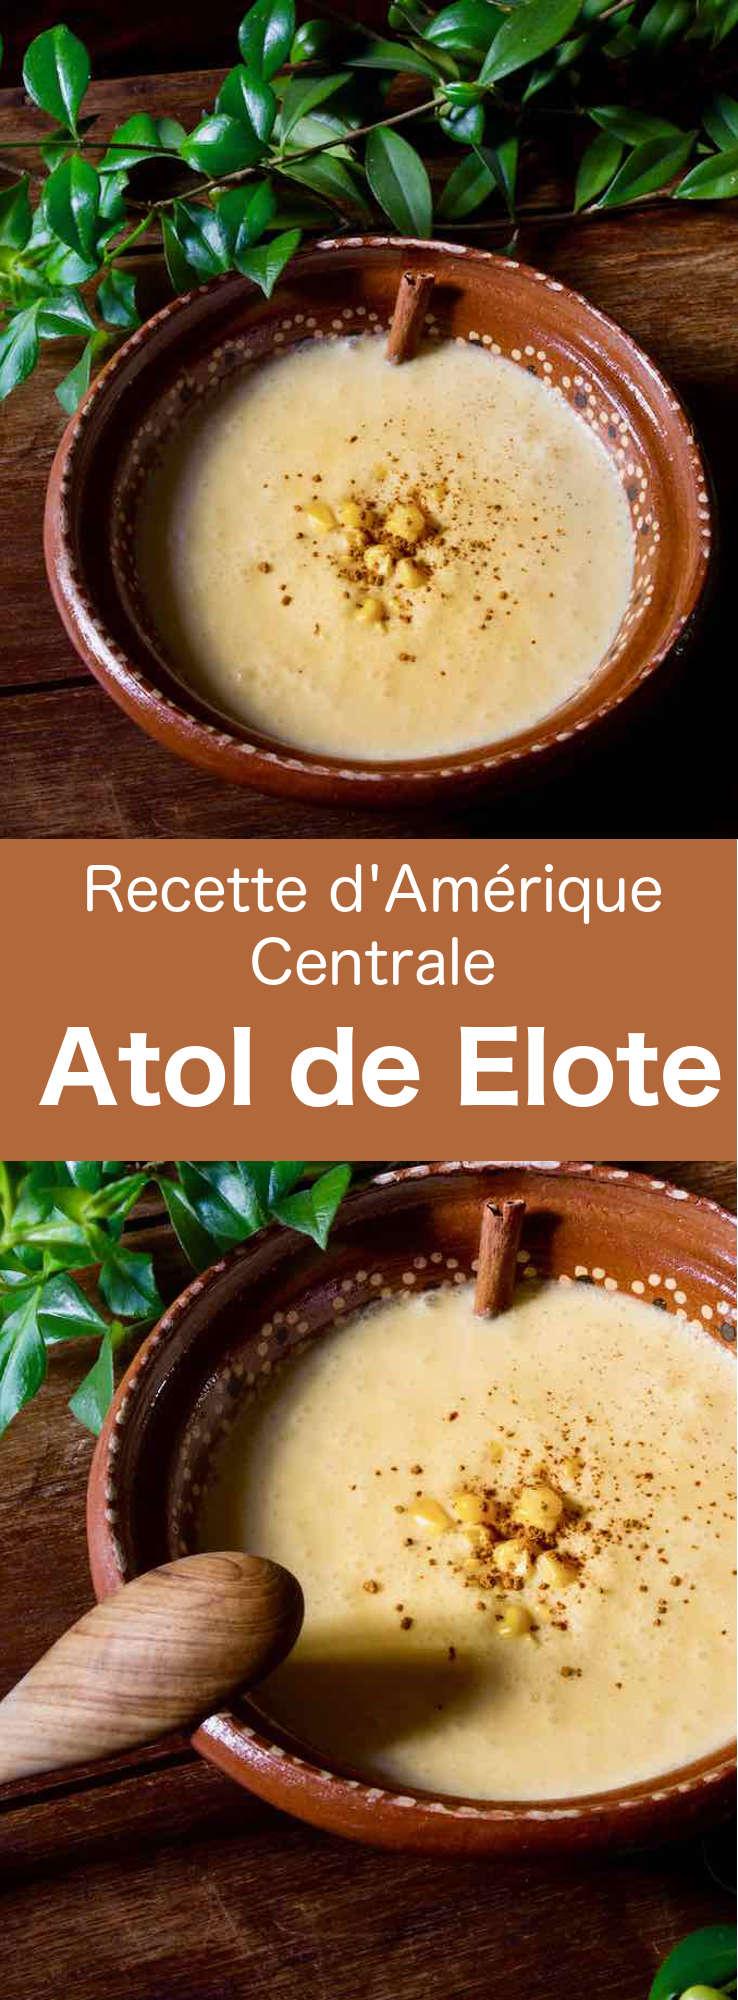 L'atol de elote est une délicieuse boisson sucrée préparée à partir de maïs. Issue de la civilisation Maya, elle est populaire en Amérique centrale. #Honduras #RecetteHonduras #BoissonHonduras #AmeriqueCentrale #CuisineDuMonde #196flavors